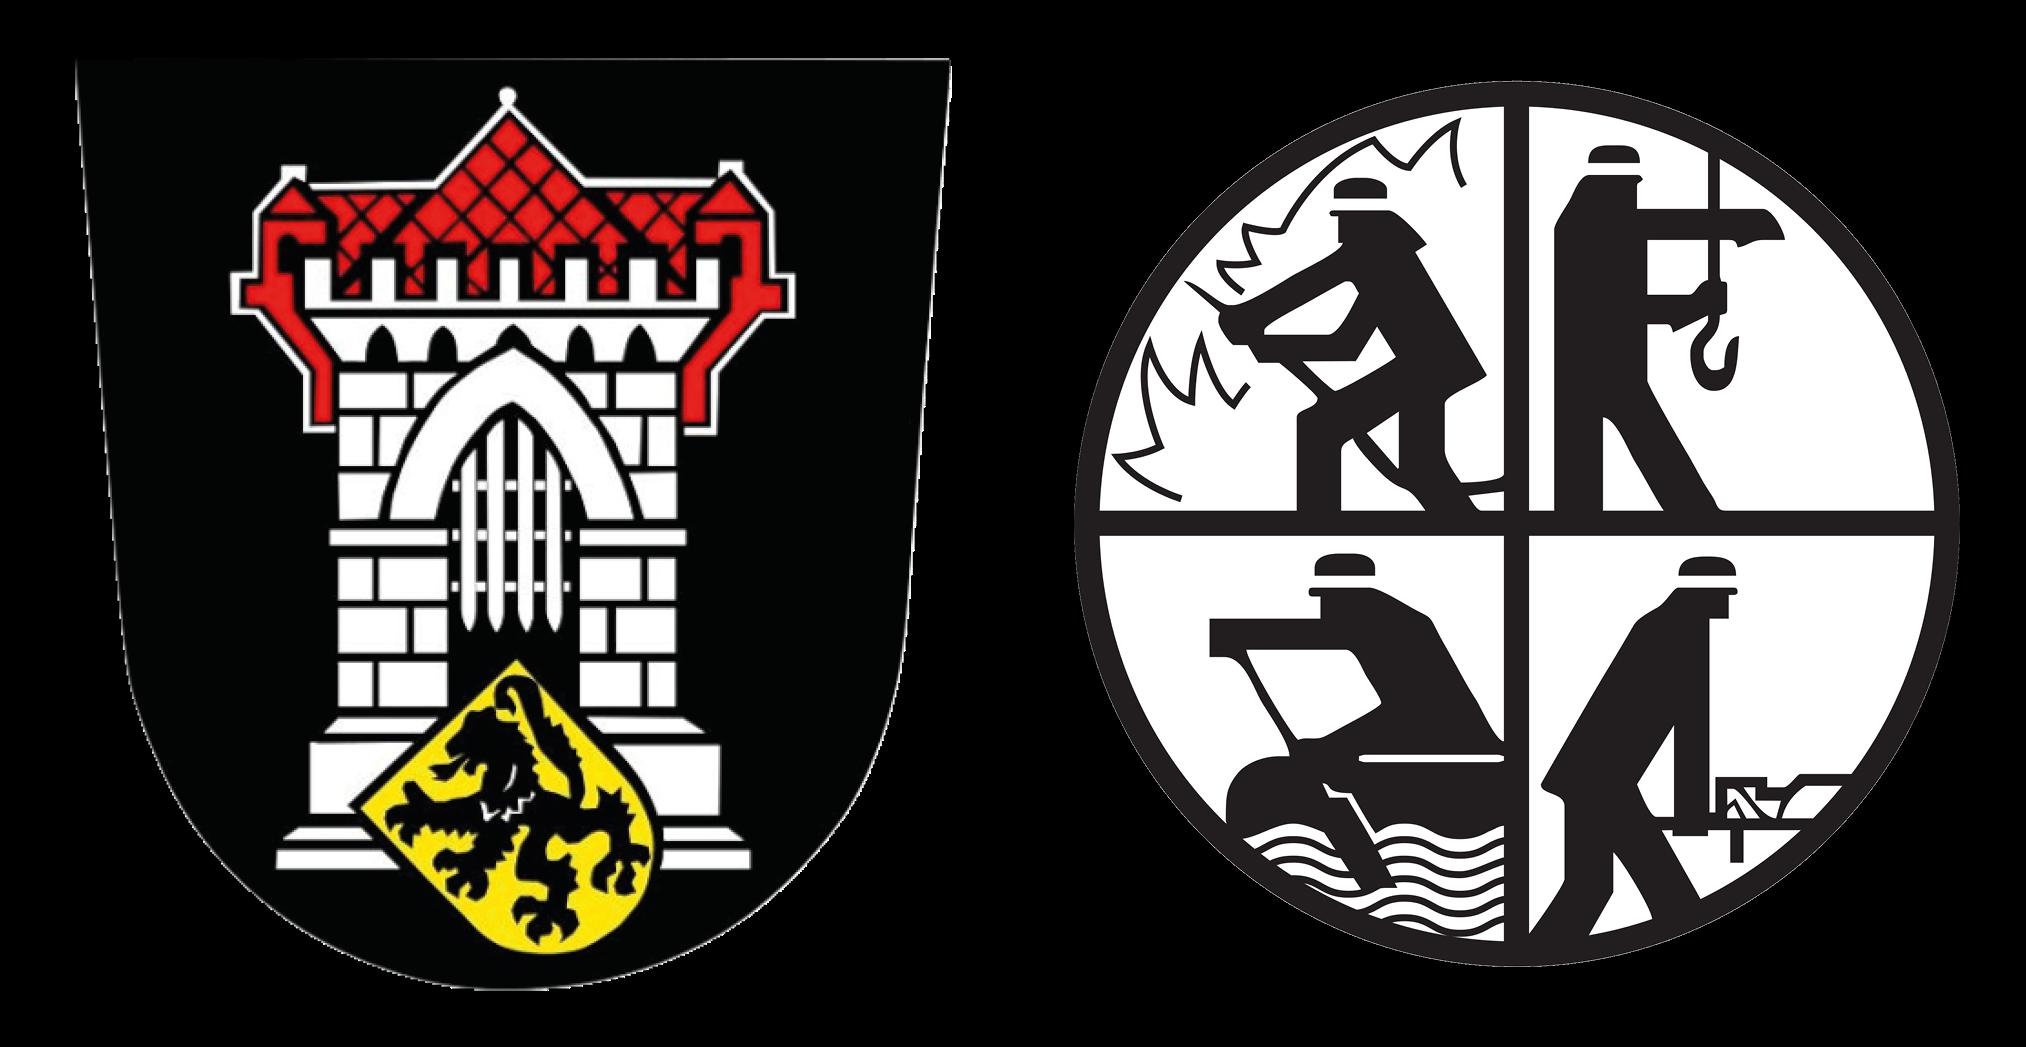 Freiwillige Feuerwehr der Stadt Heimbach